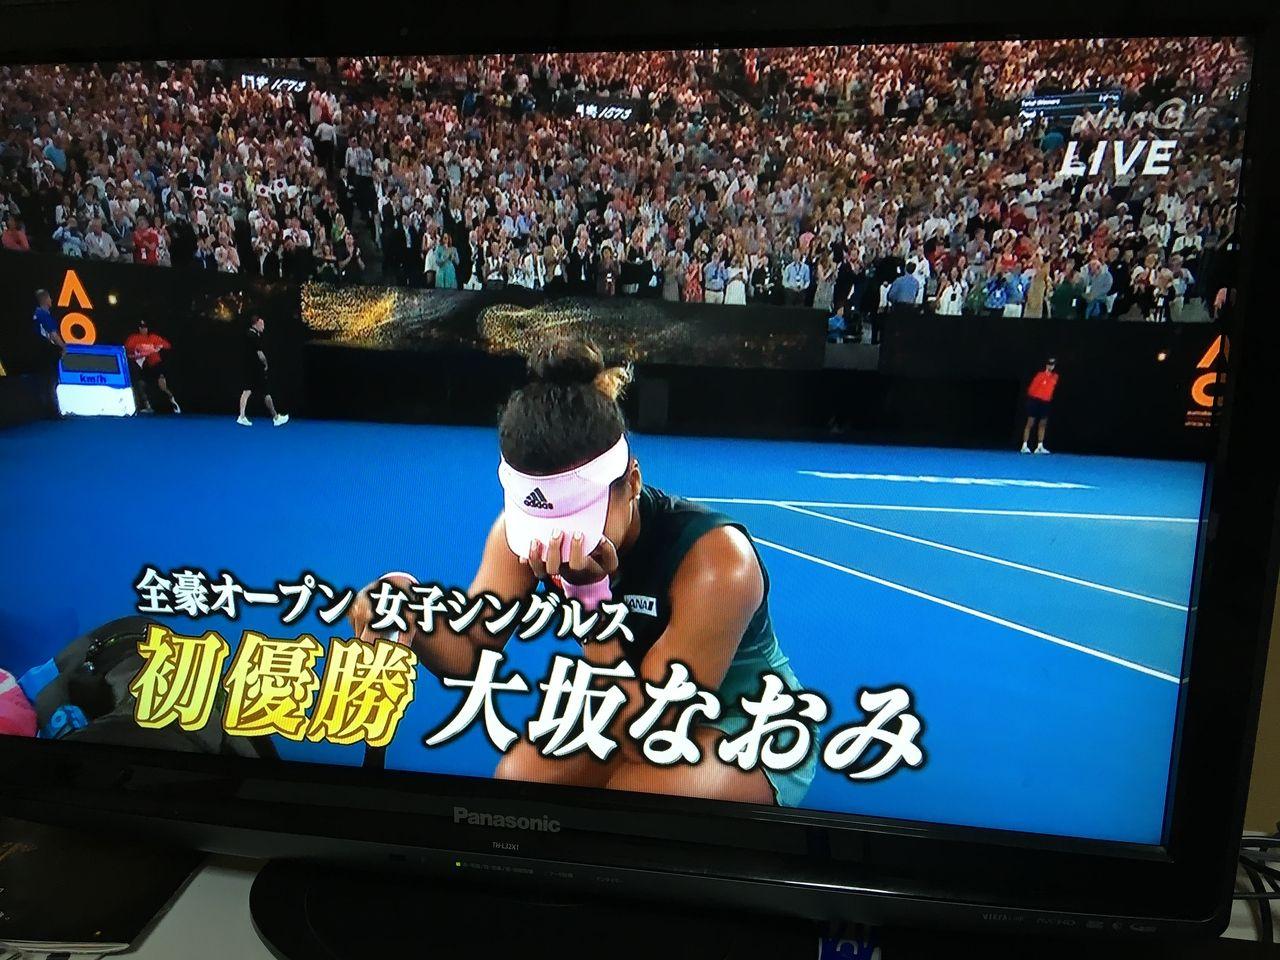 大坂なおみ選手全豪オープン女子シングルス優勝おめでとうございます!